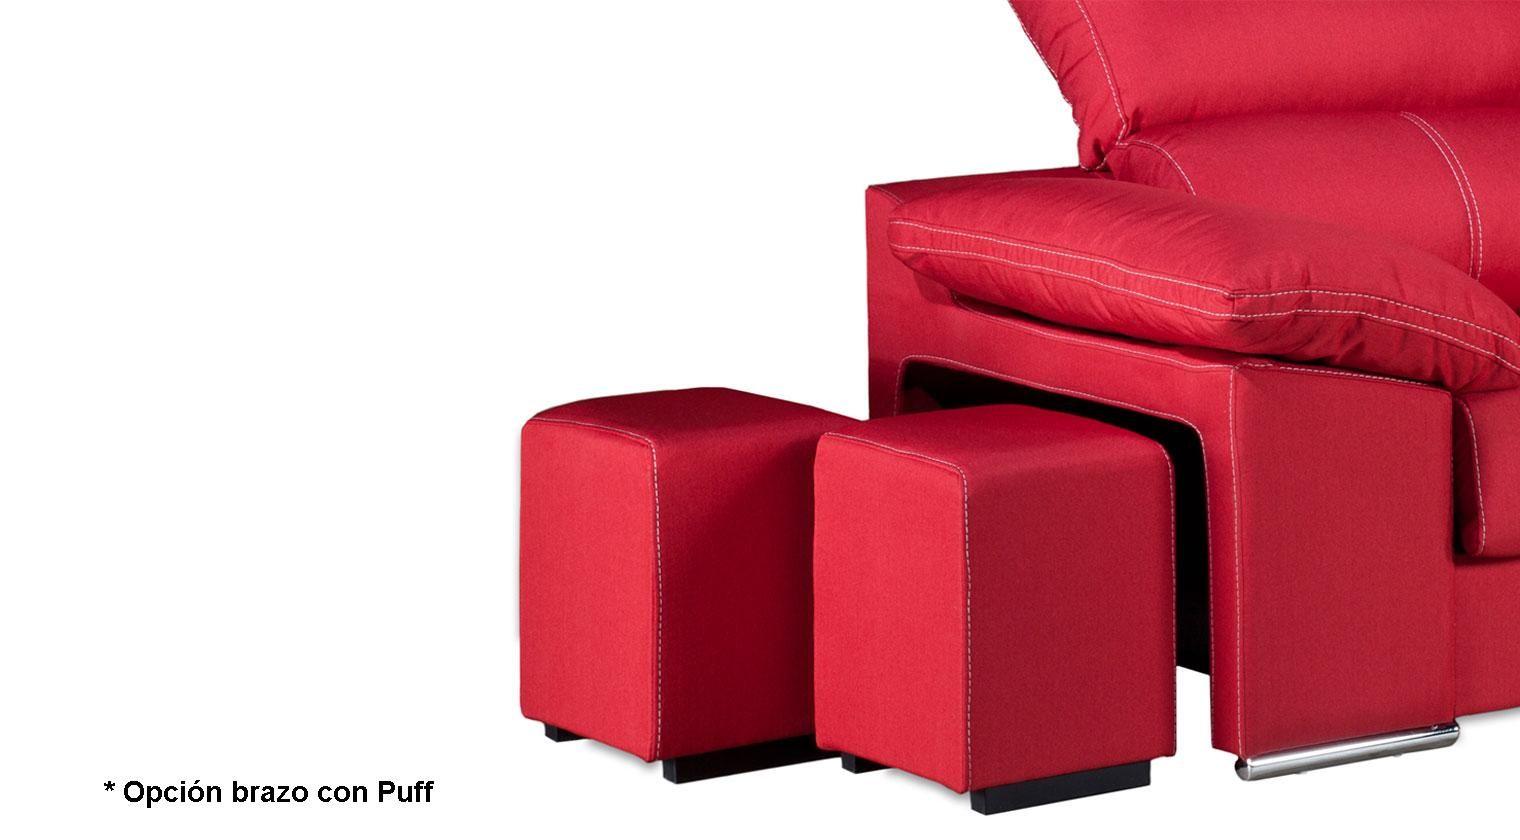 Comprar chaise longue duplo sof 4 plazas microfibra mozart for Chaise longue 4 plazas baratos